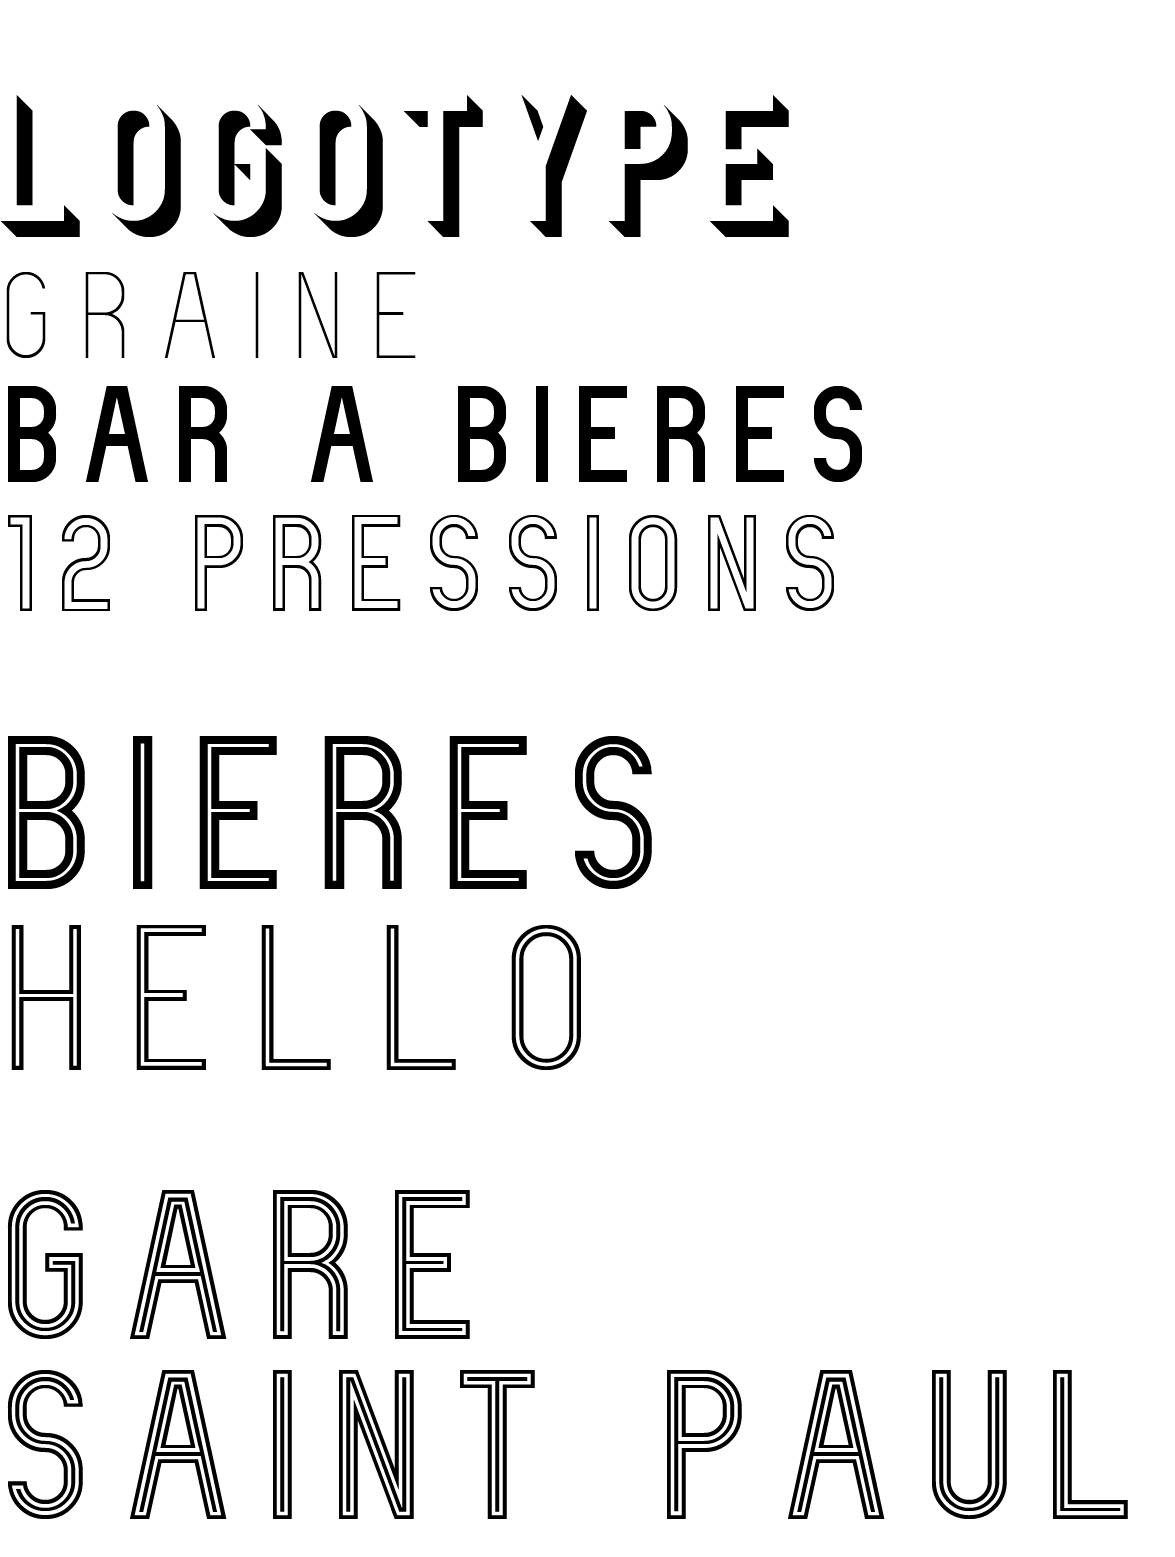 Choix typographie la migraine lyon 4colors